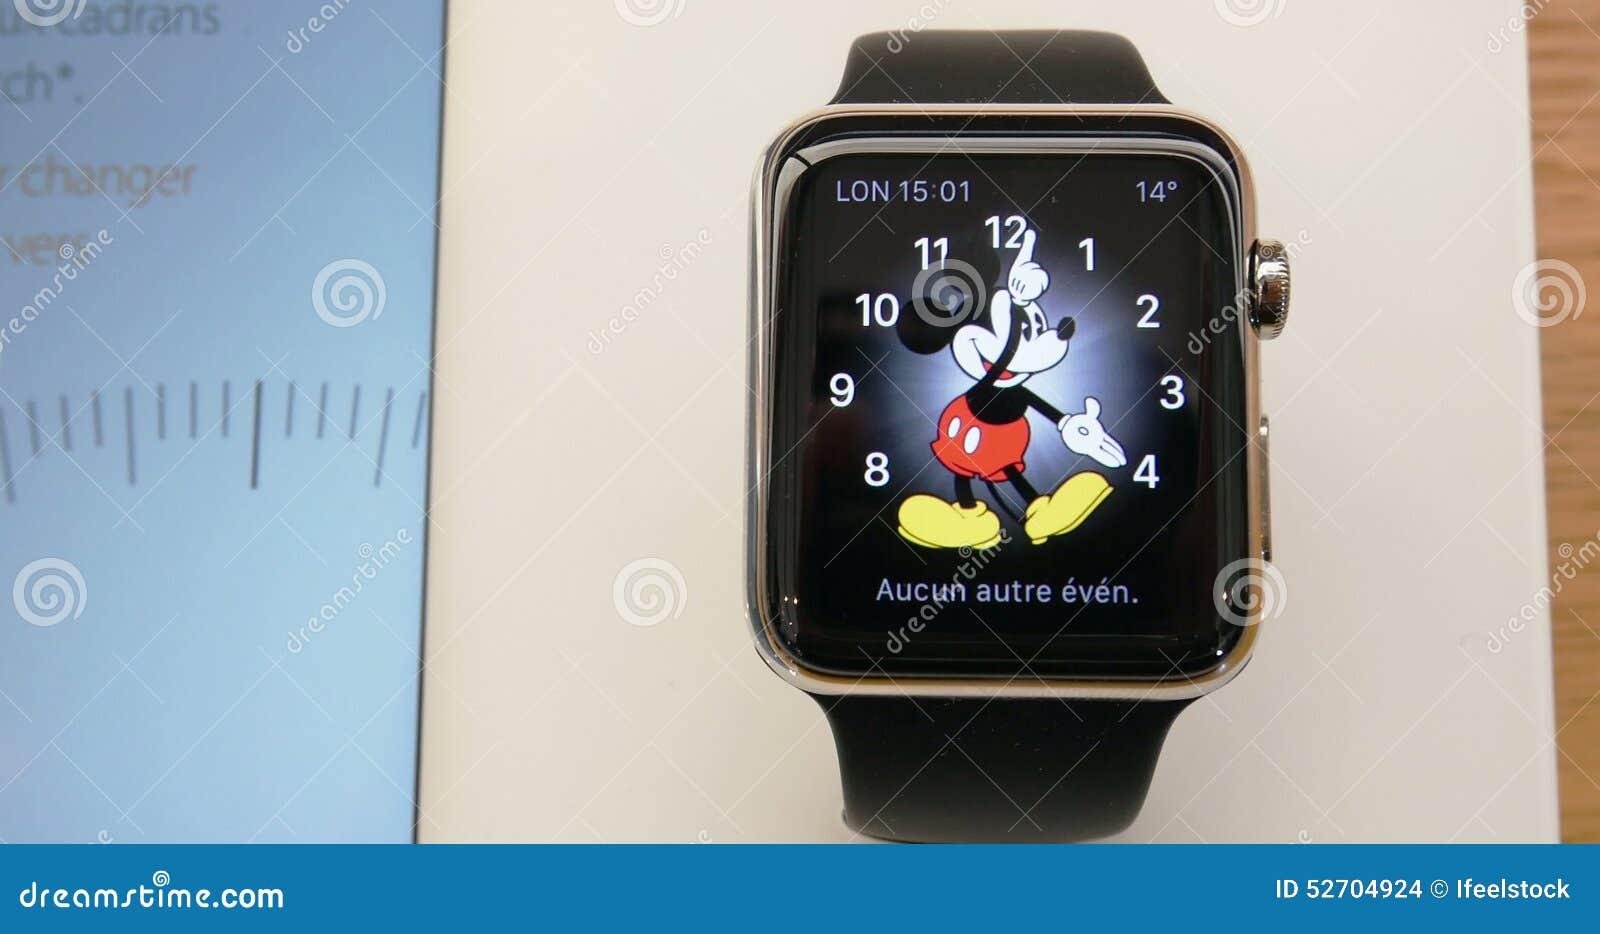 sitio de buena reputación 6ef28 b4c29 Apple Watch - Mickey Mouse Watch Face Stock Footage - Video ...